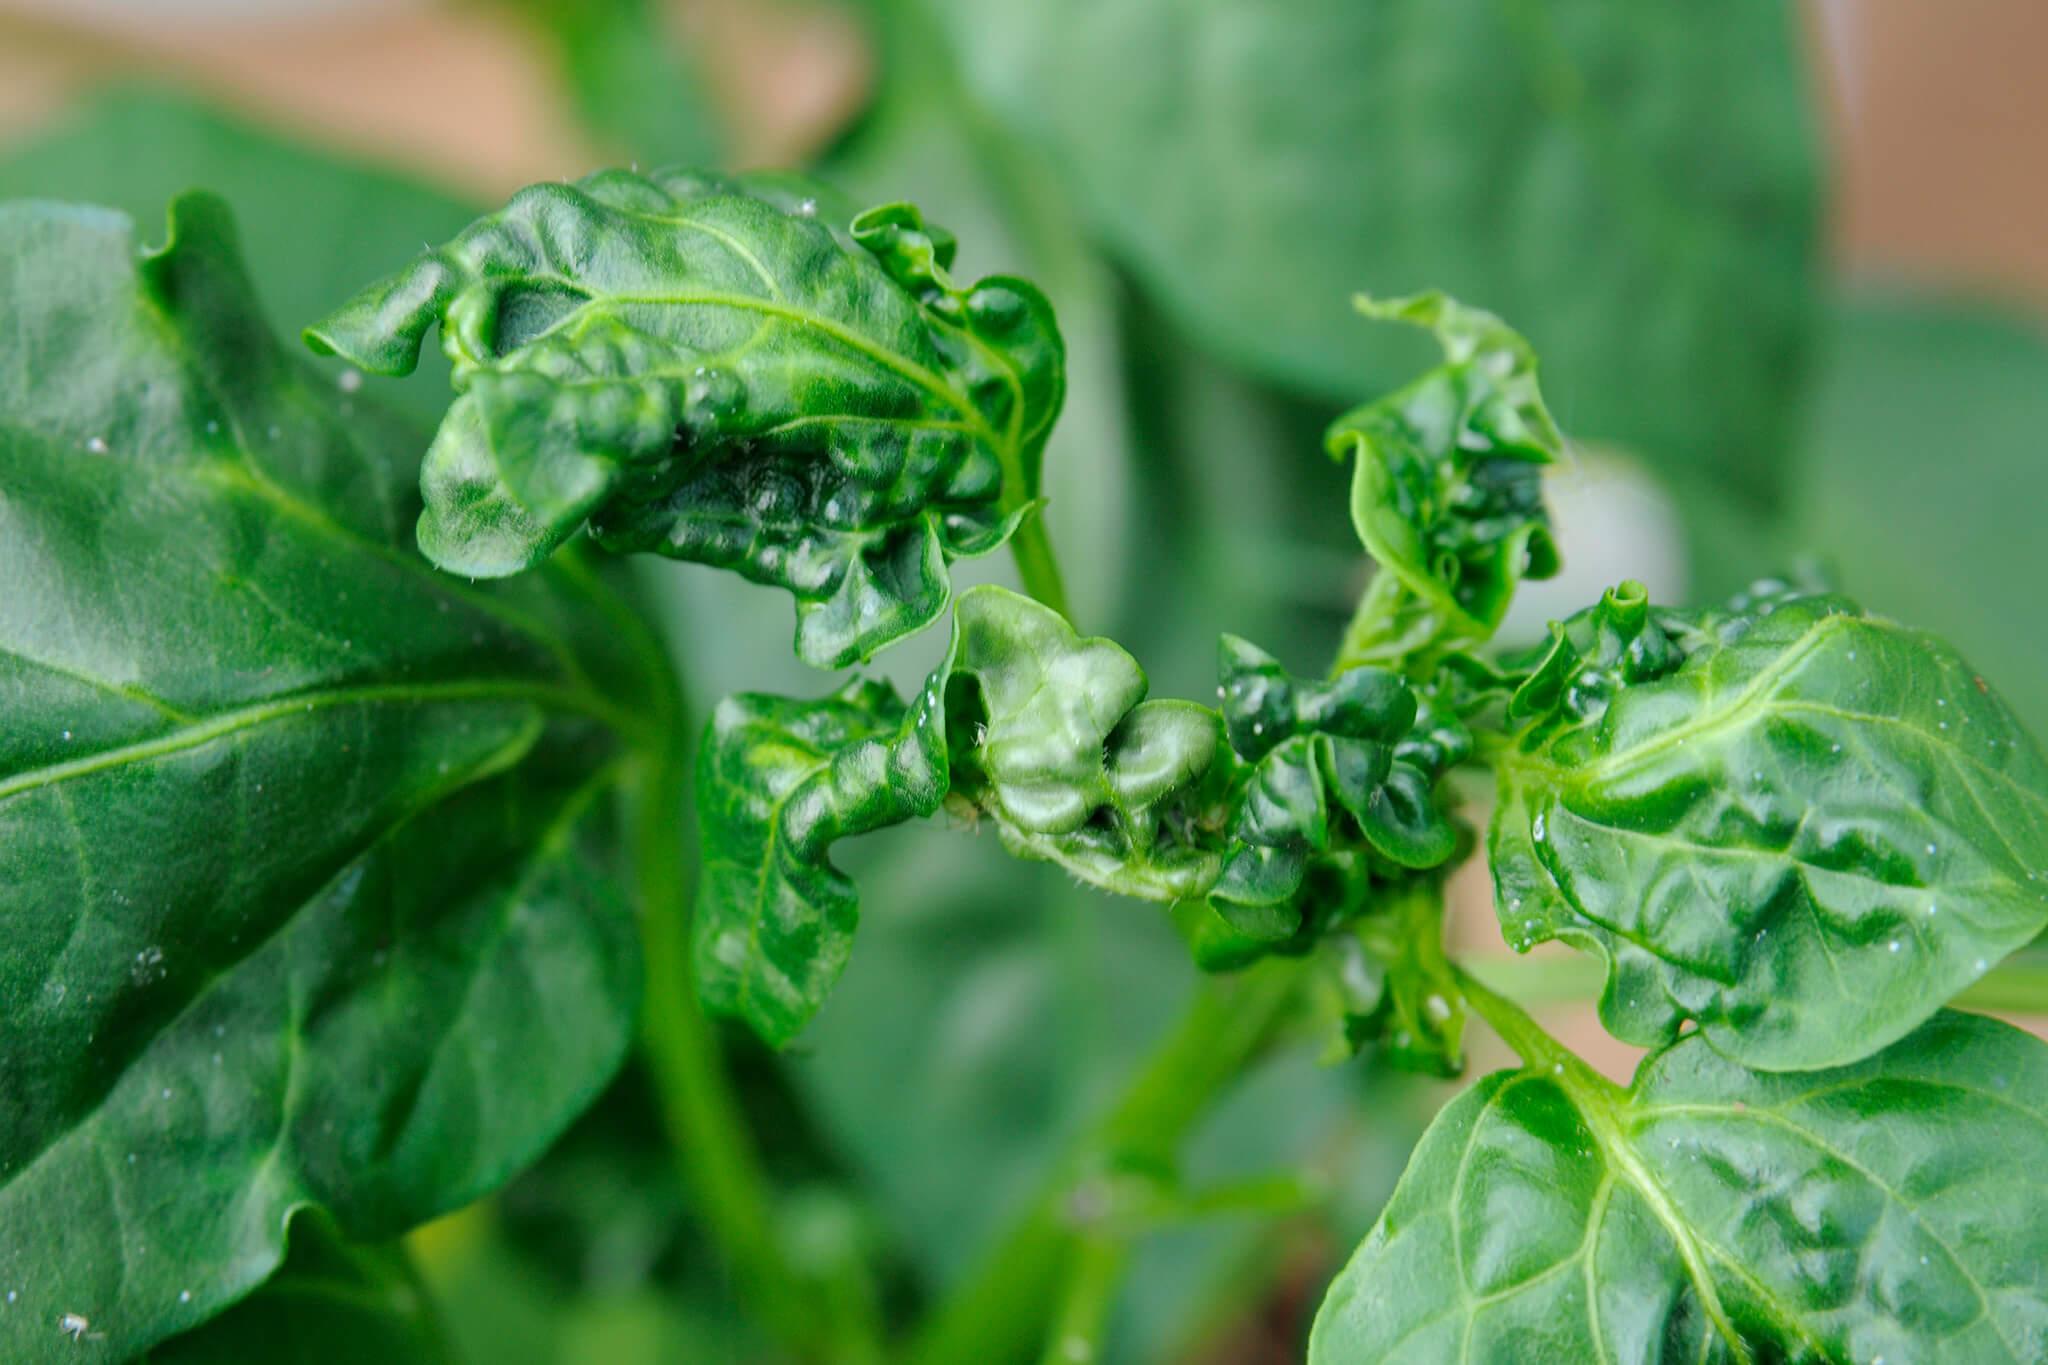 distorted-leaves-caused-by-viral-disease-2